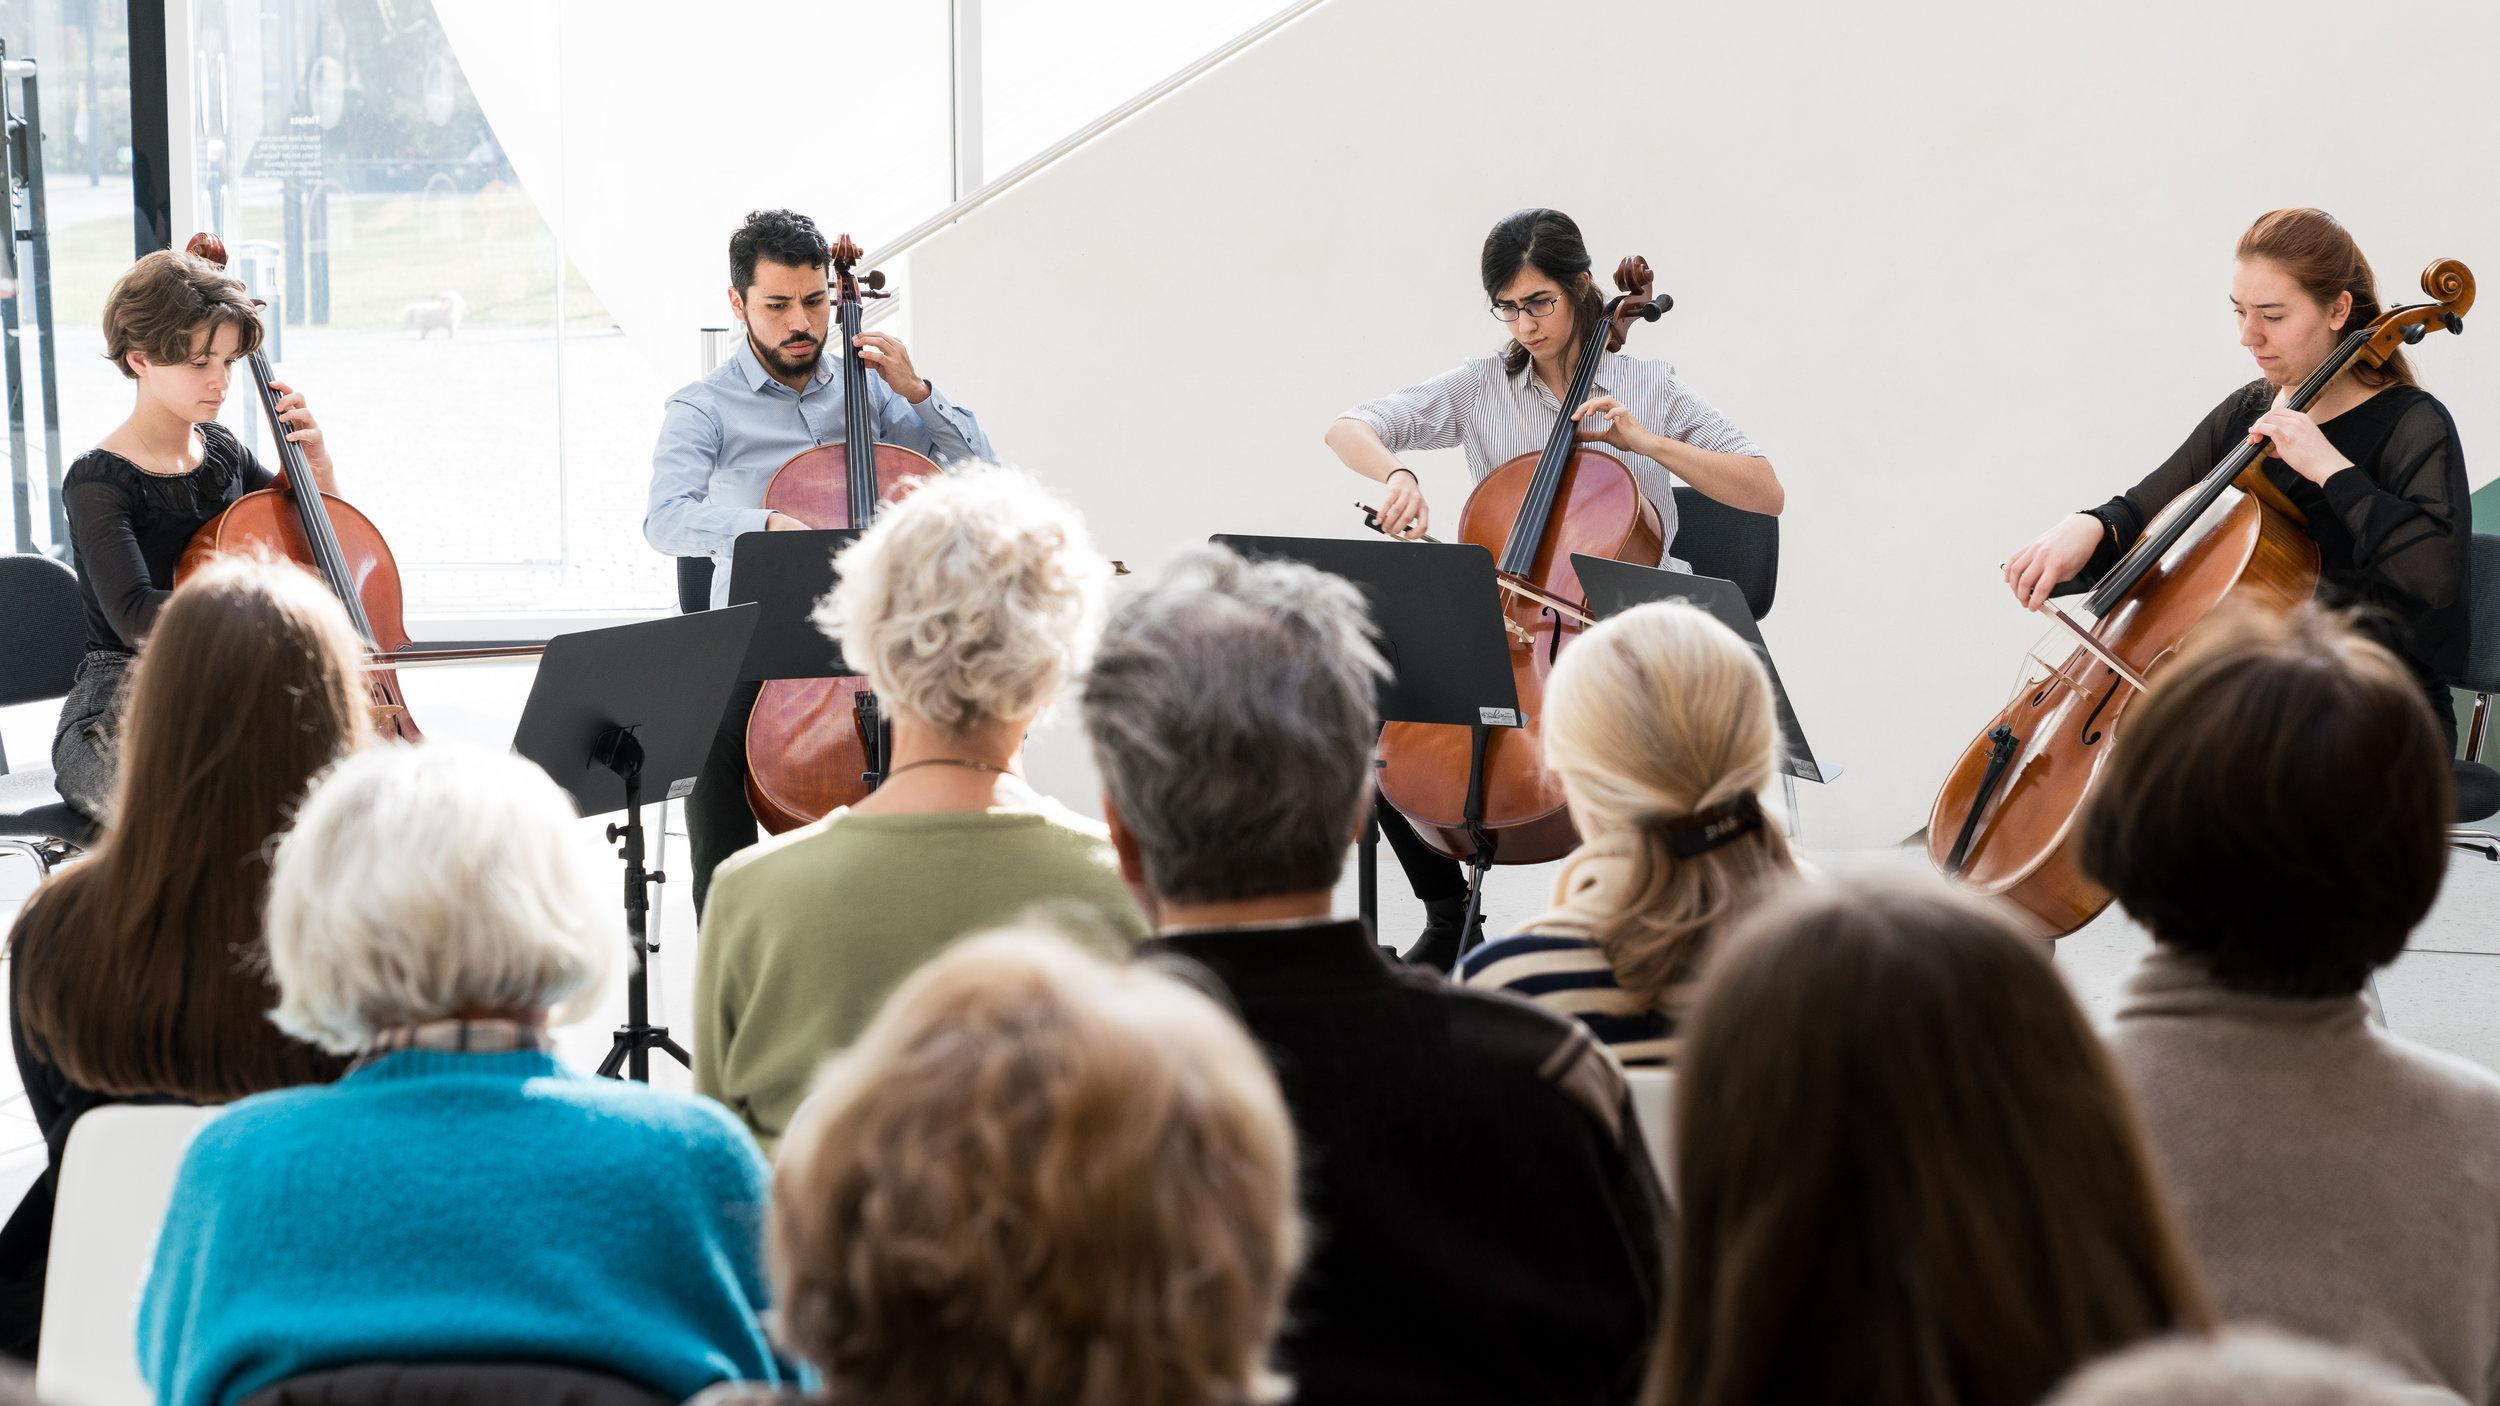 Konzert am Mittag - Cello20180206_012-036.jpg